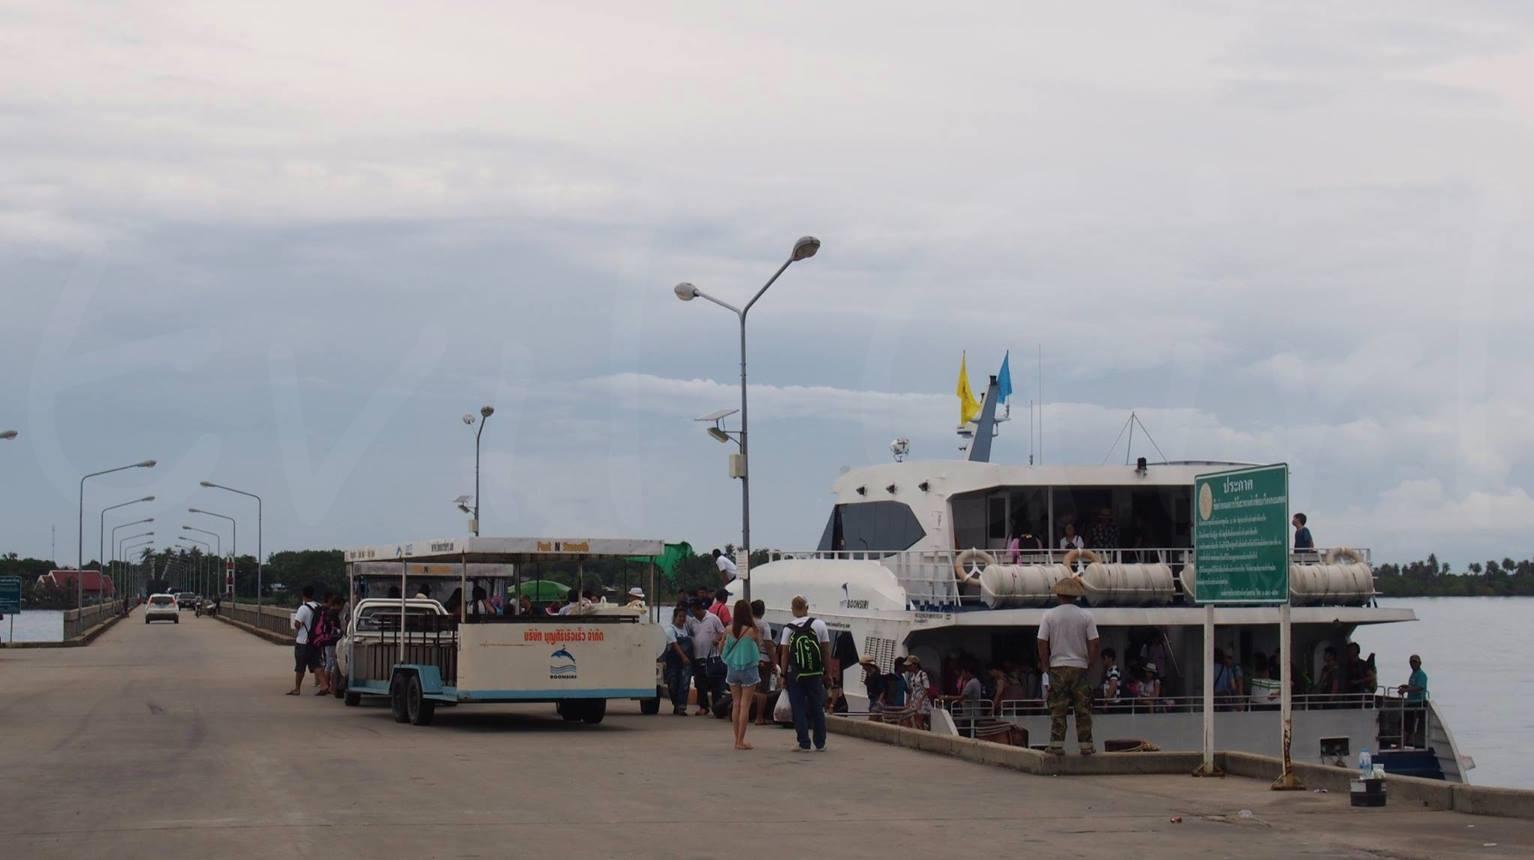 เรือรับ-ส่งนักท่องเที่ยวไปยังเกาะ